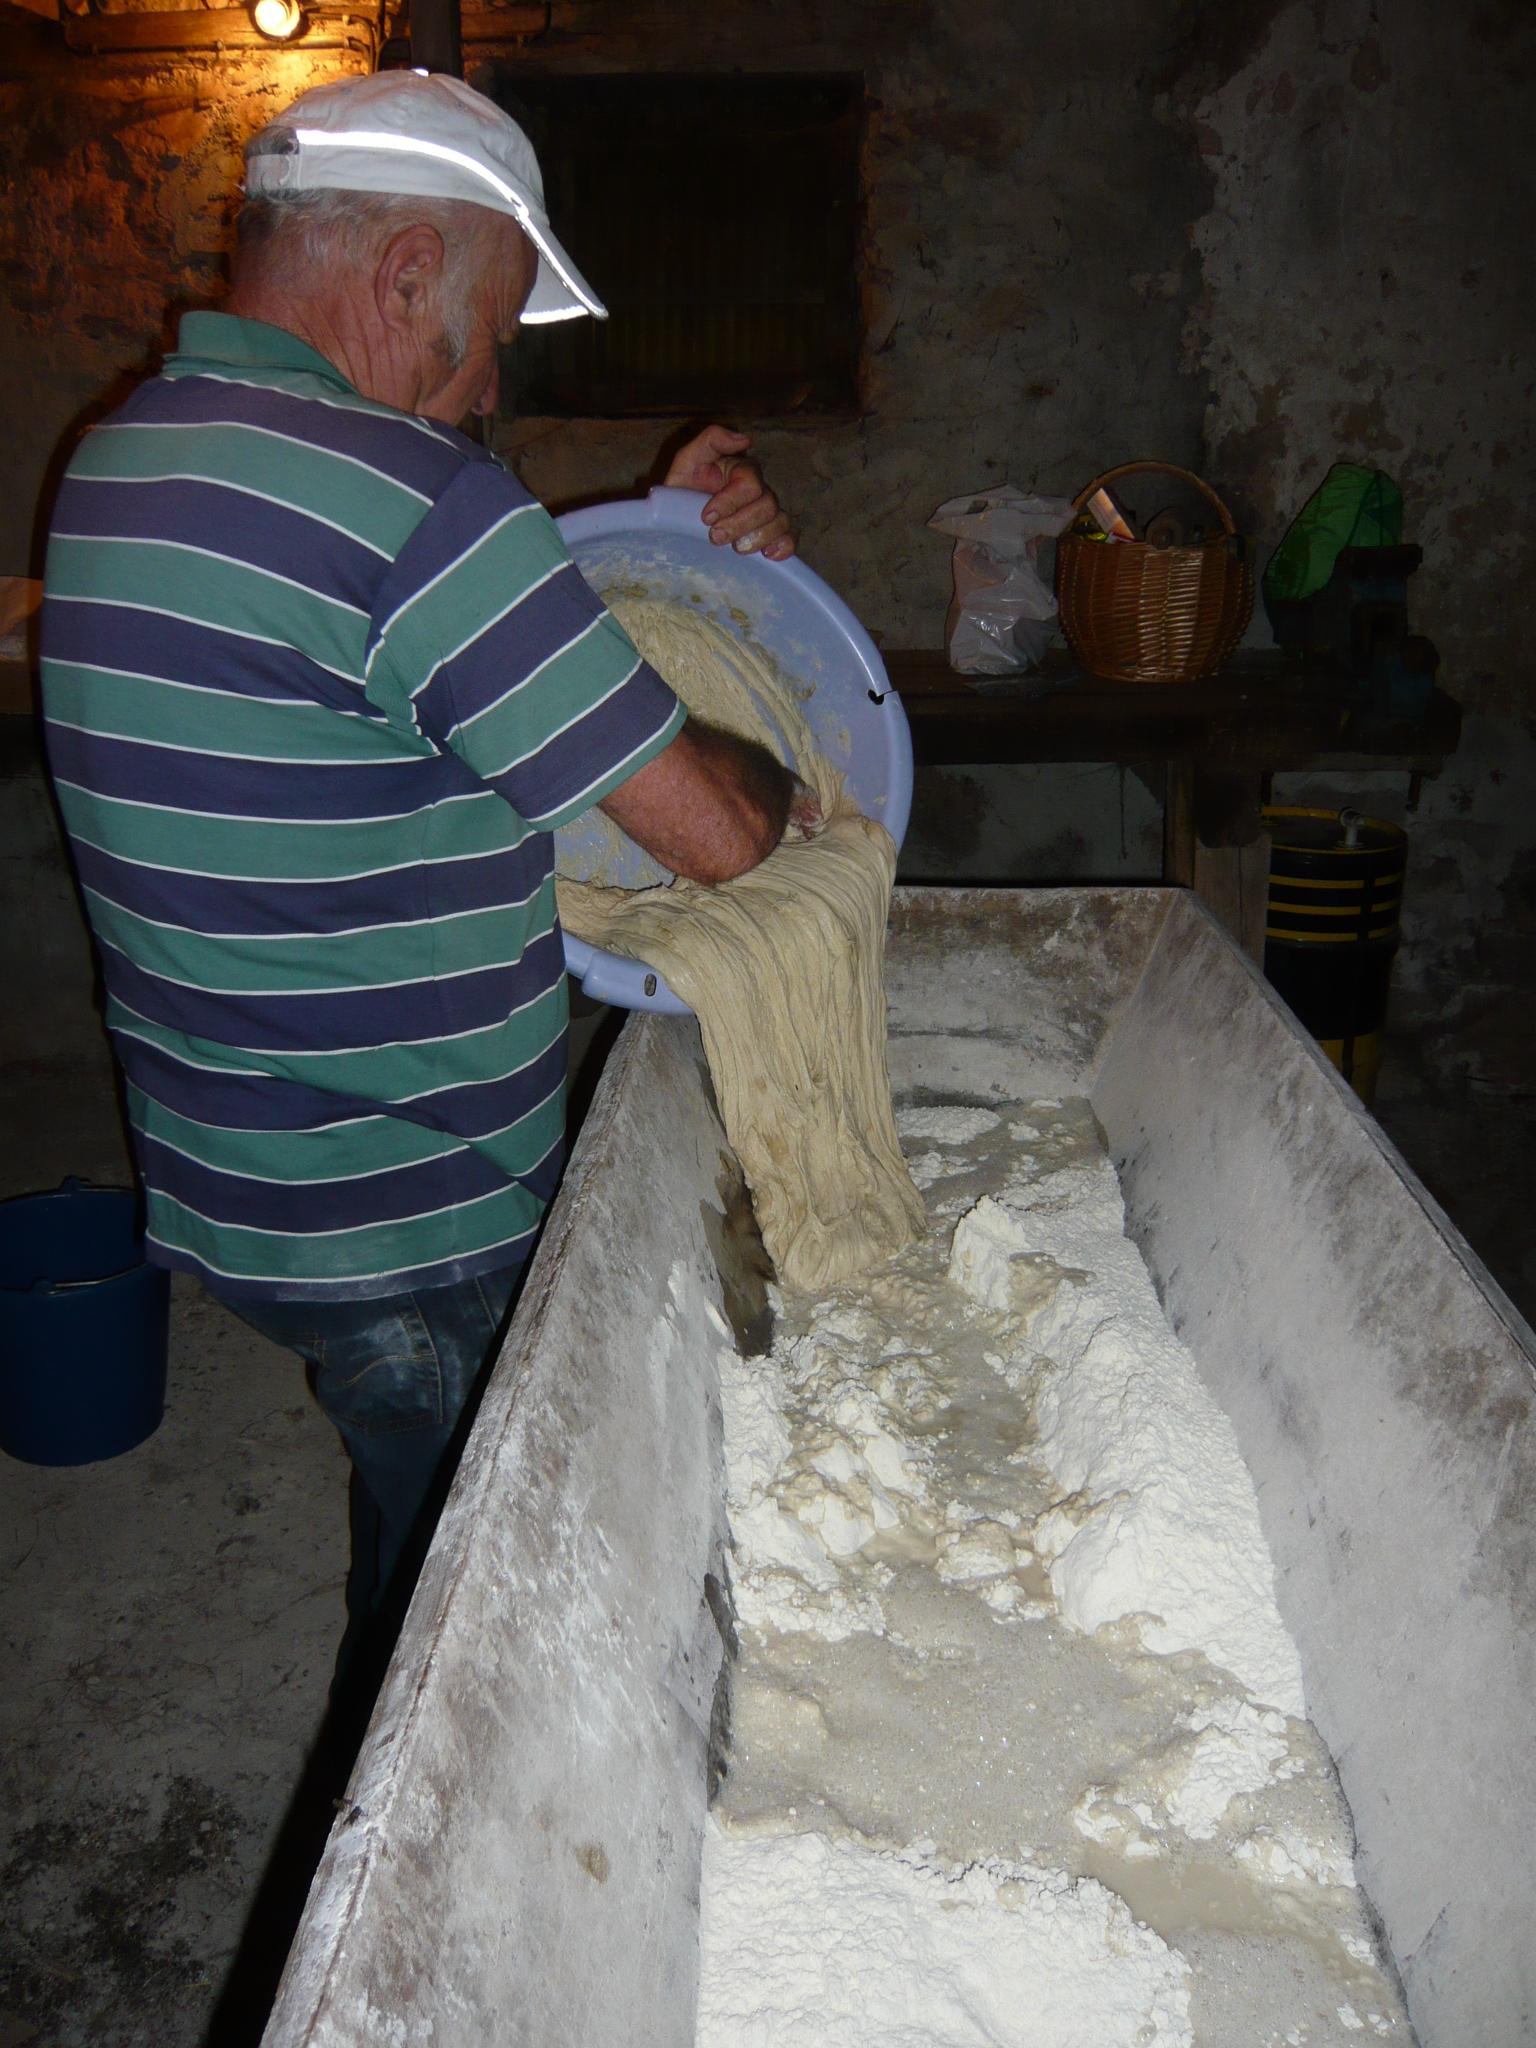 Jean-Marie, le boulanger, prépare la pâte